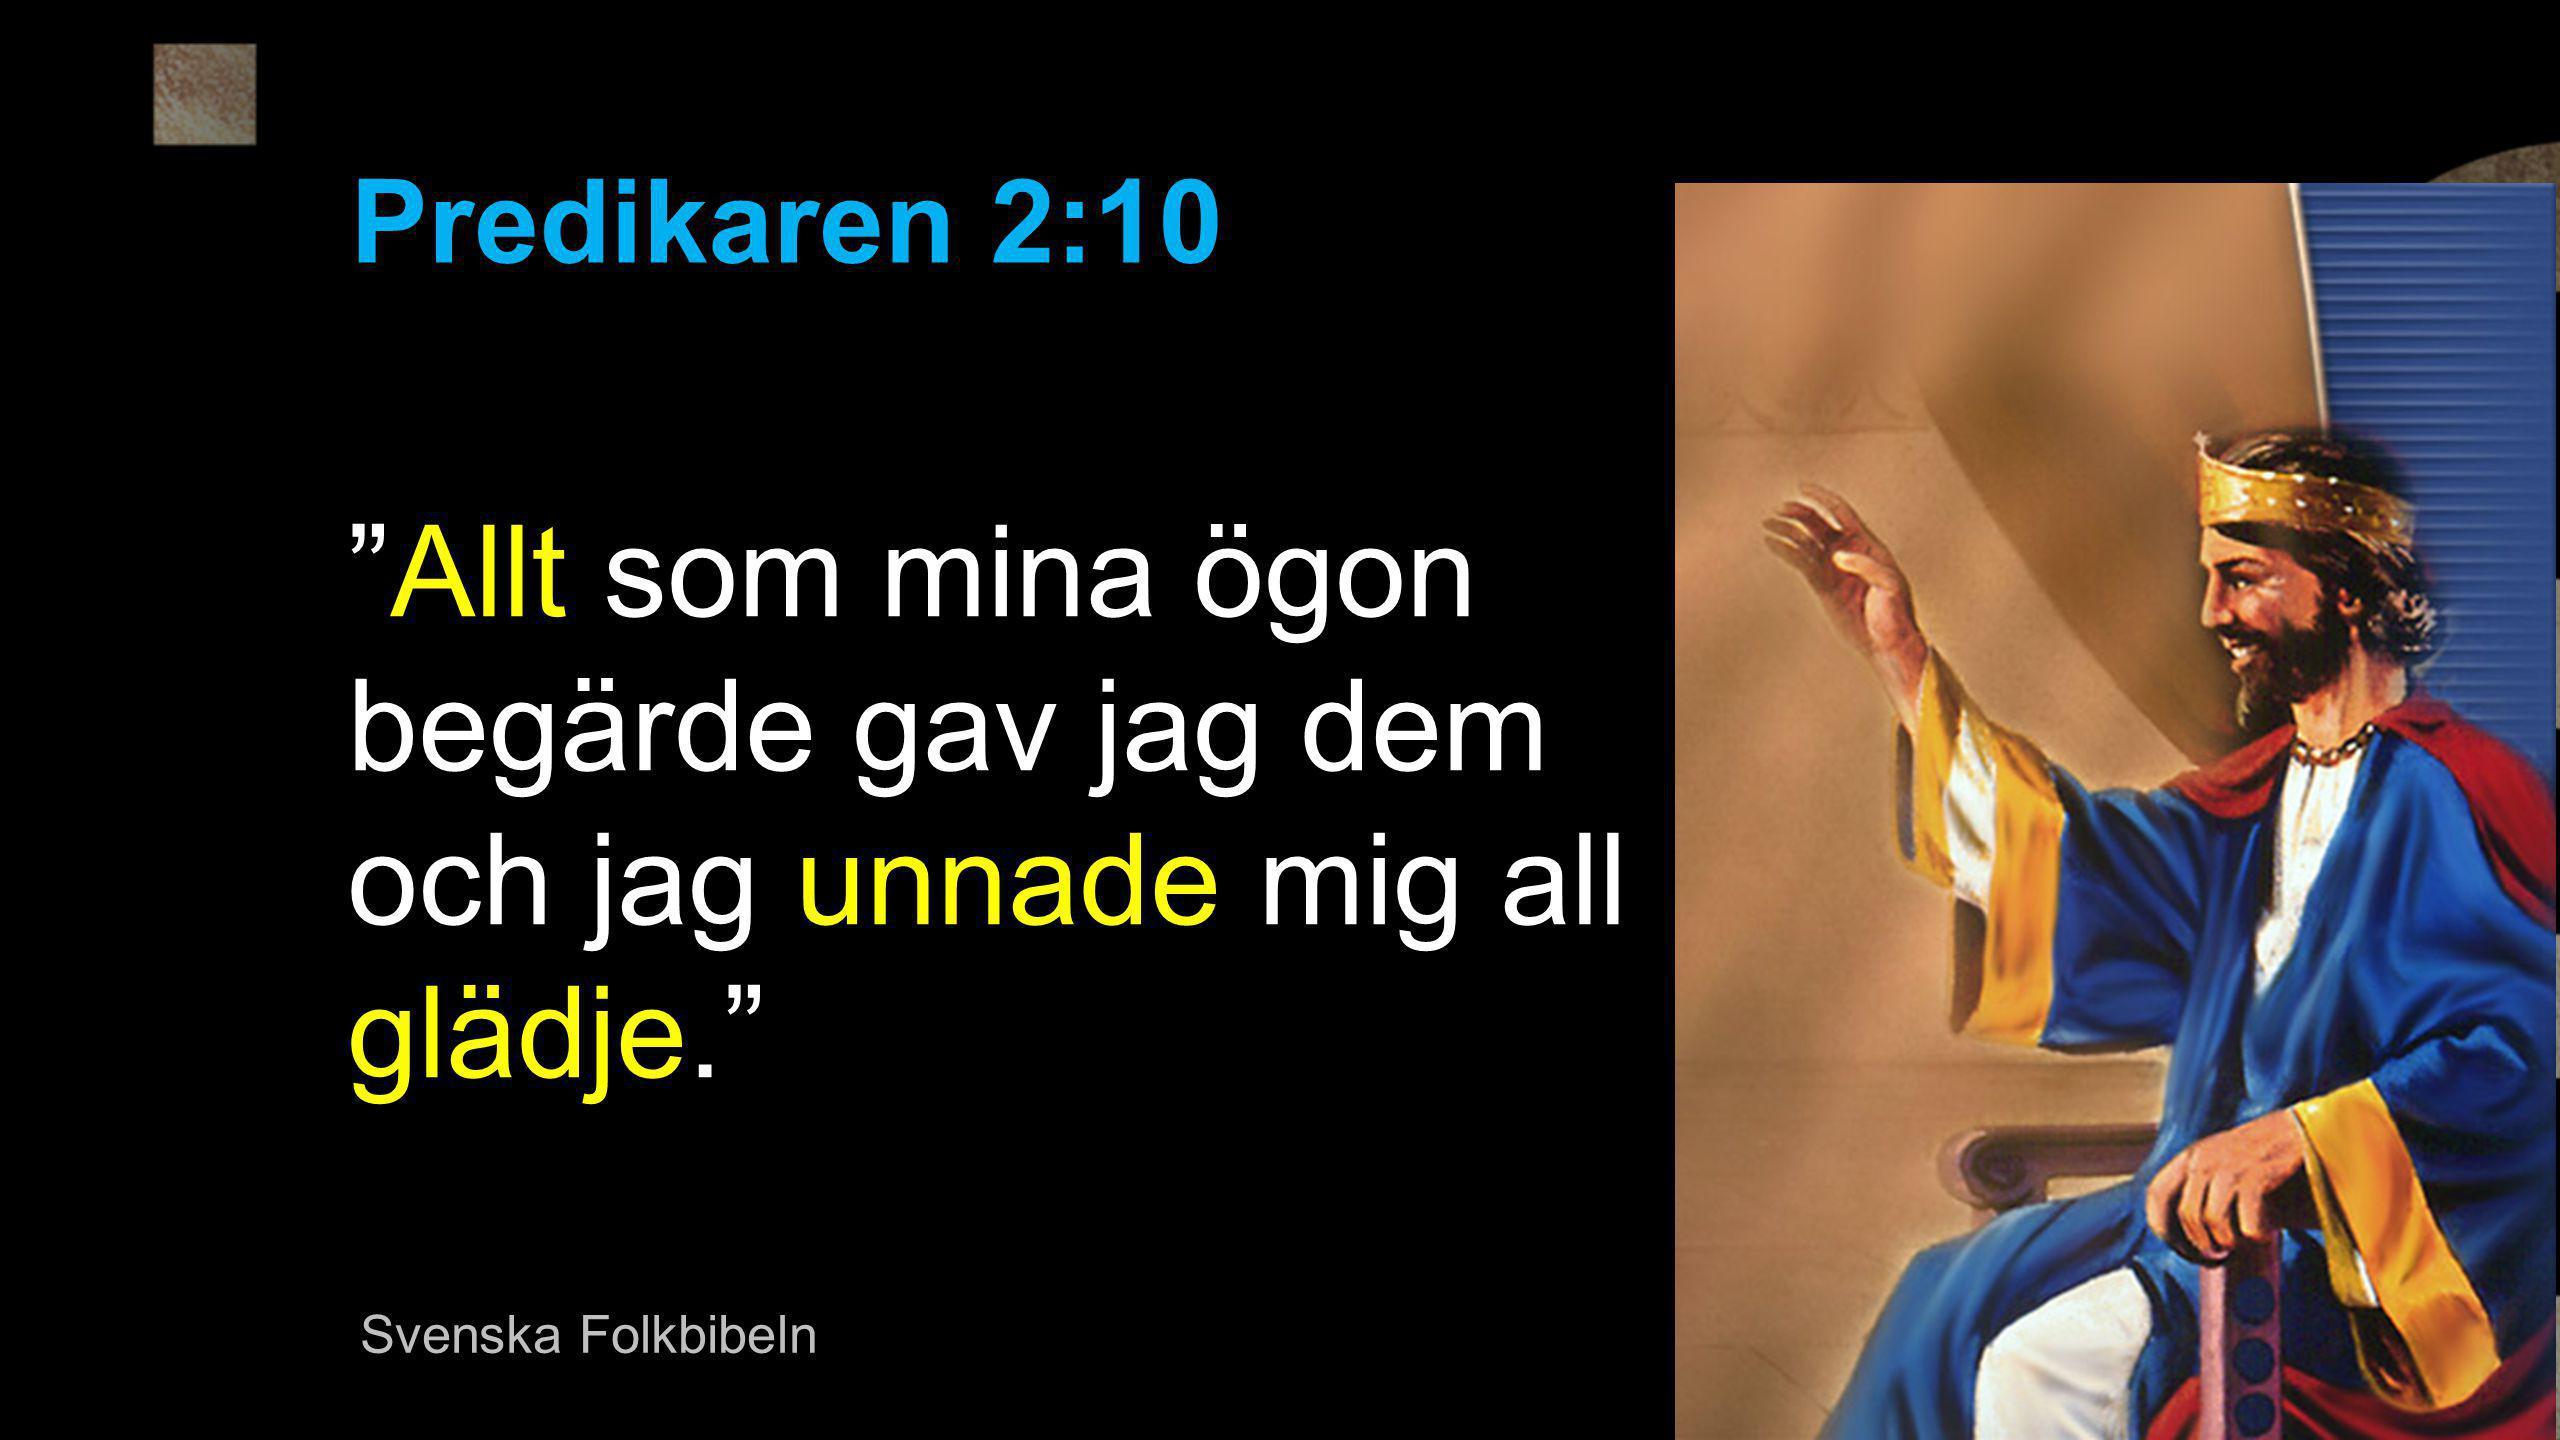 Predikaren 2:10 Allt som mina ögon begärde gav jag dem och jag unnade mig all glädje. Svenska Folkbibeln.